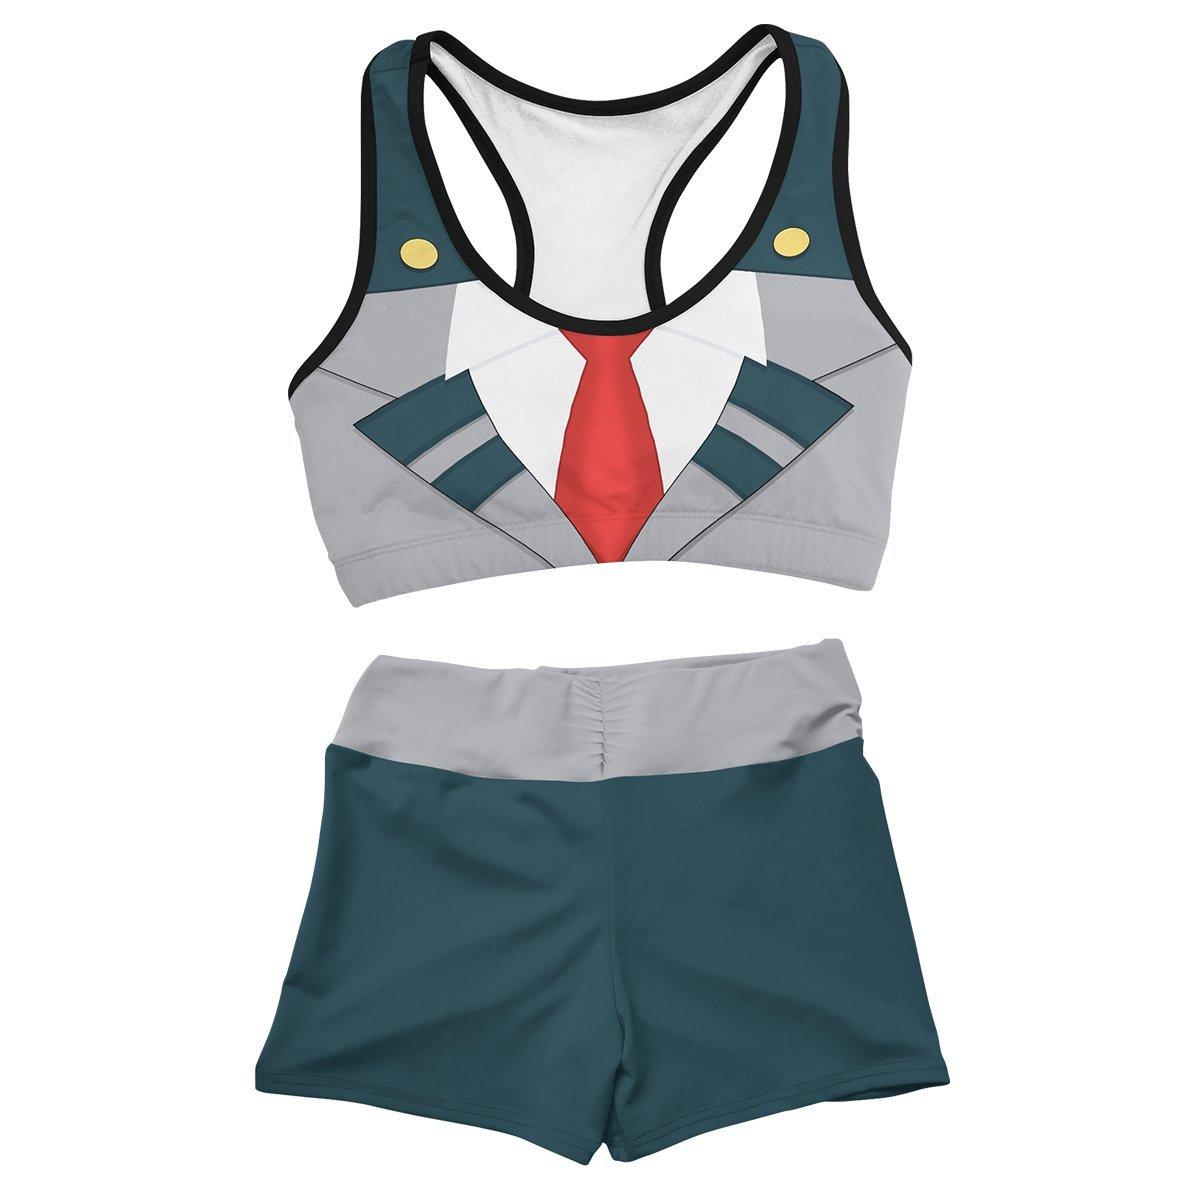 UA High Uniform Active Wear Set FDM3107 Entire Set Official Anime Swimsuit Merch